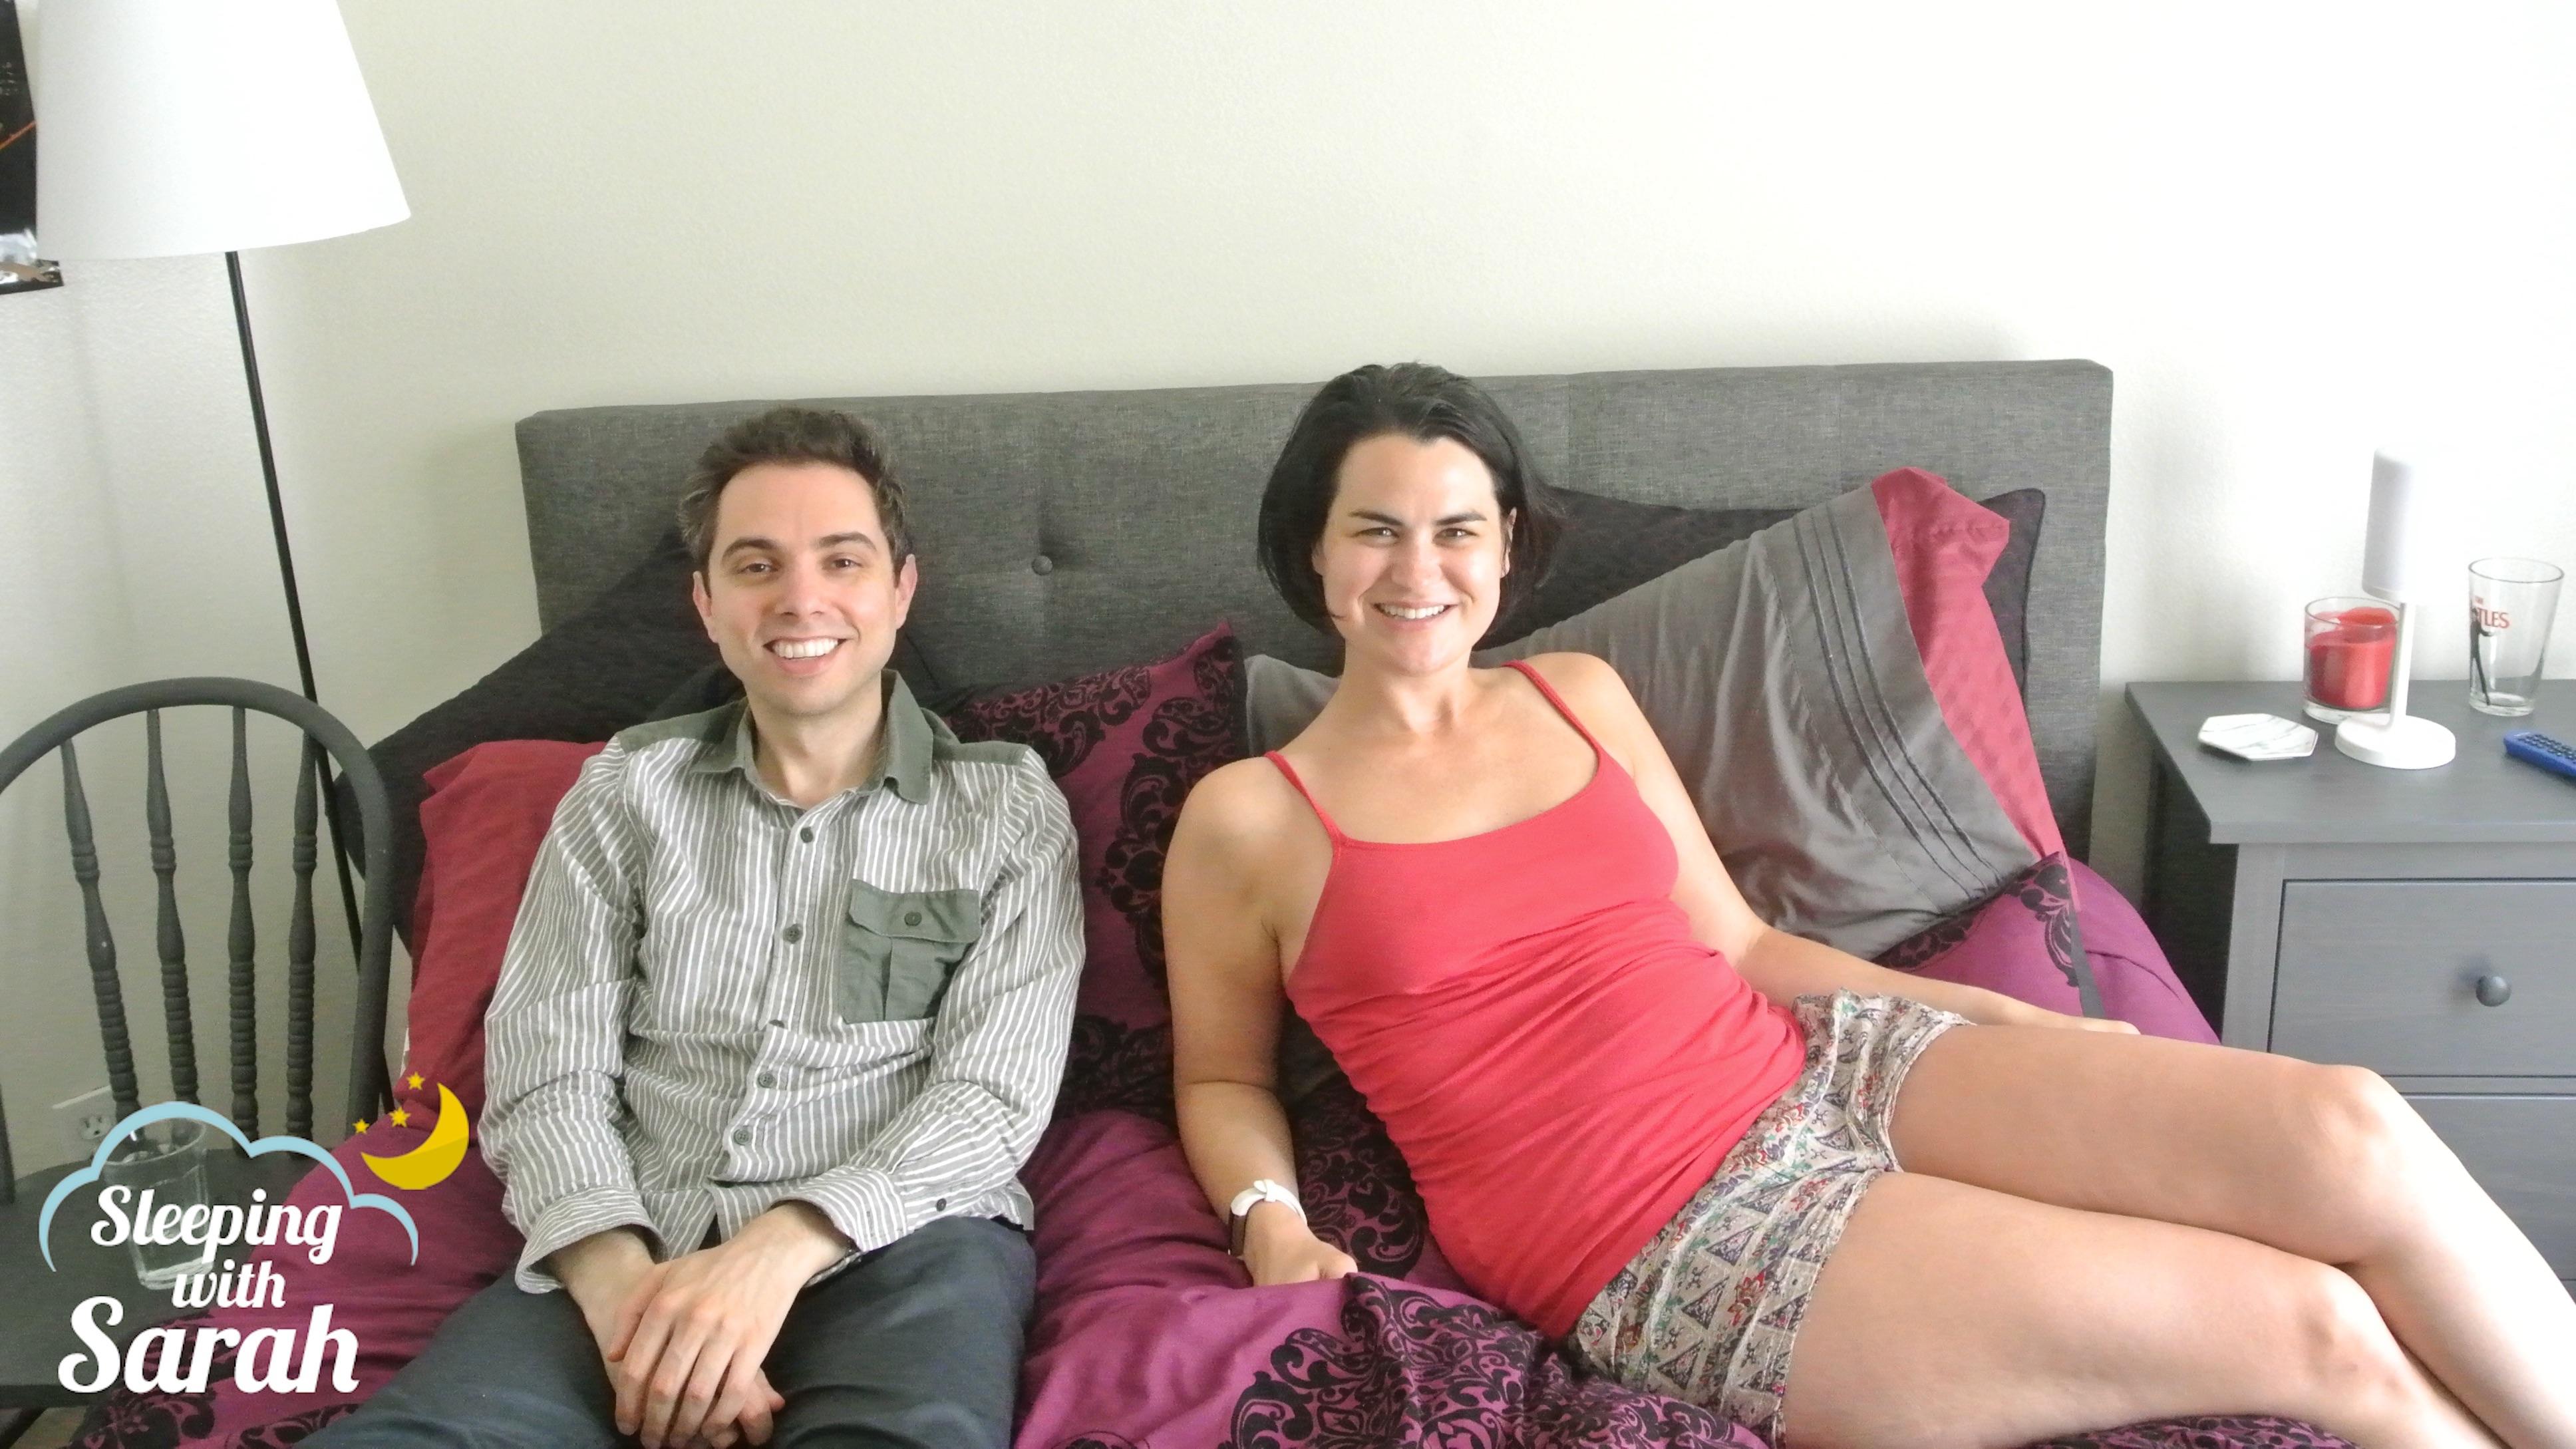 Matt Kirshen and Sarah Albritton Sleeping with Sarah podcast Ep 86